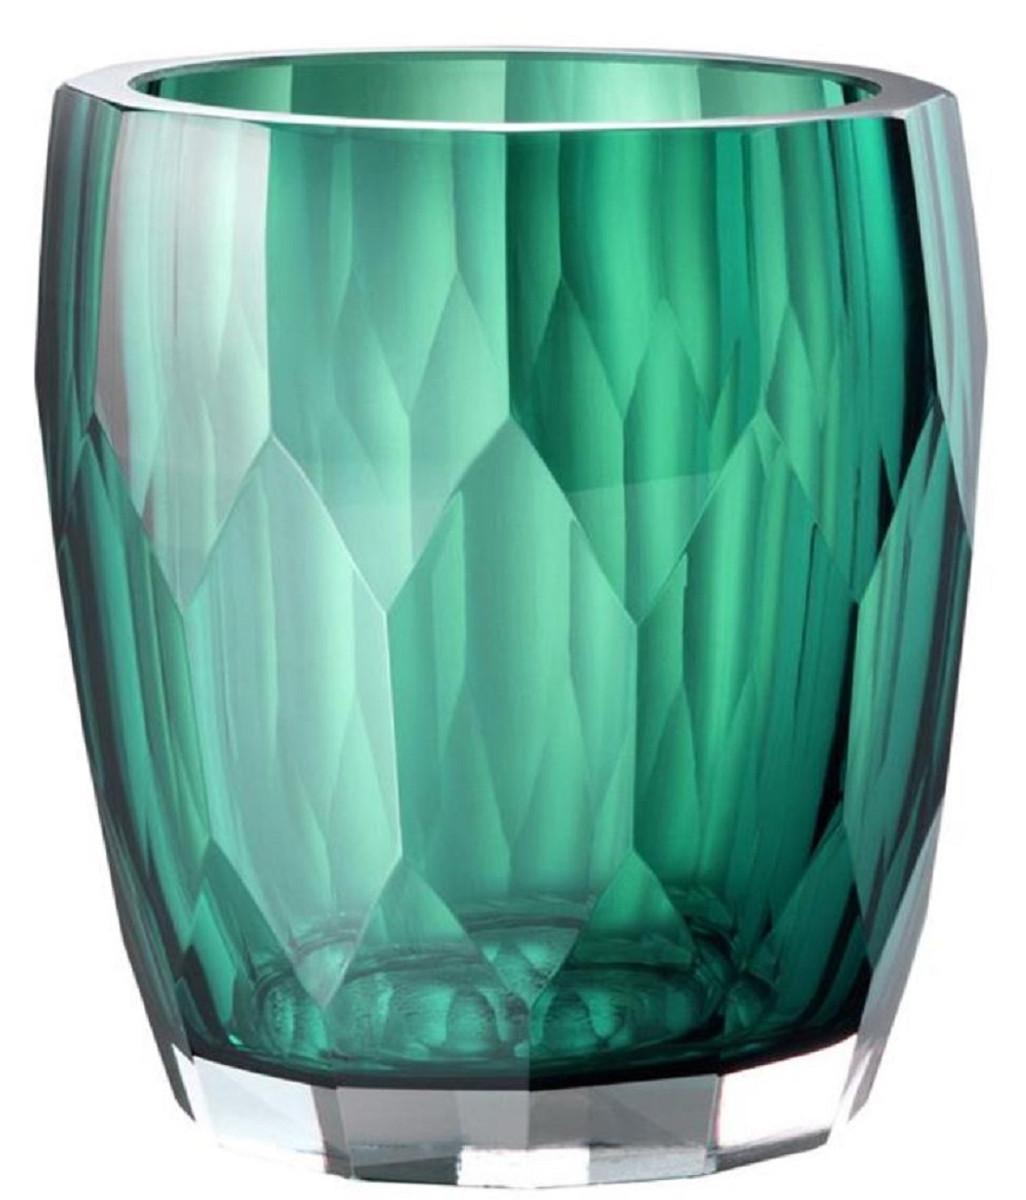 Casa Padrino Luxus Deko Glas Vase Grün ø 12 X H 14 Cm Luxus Qualität